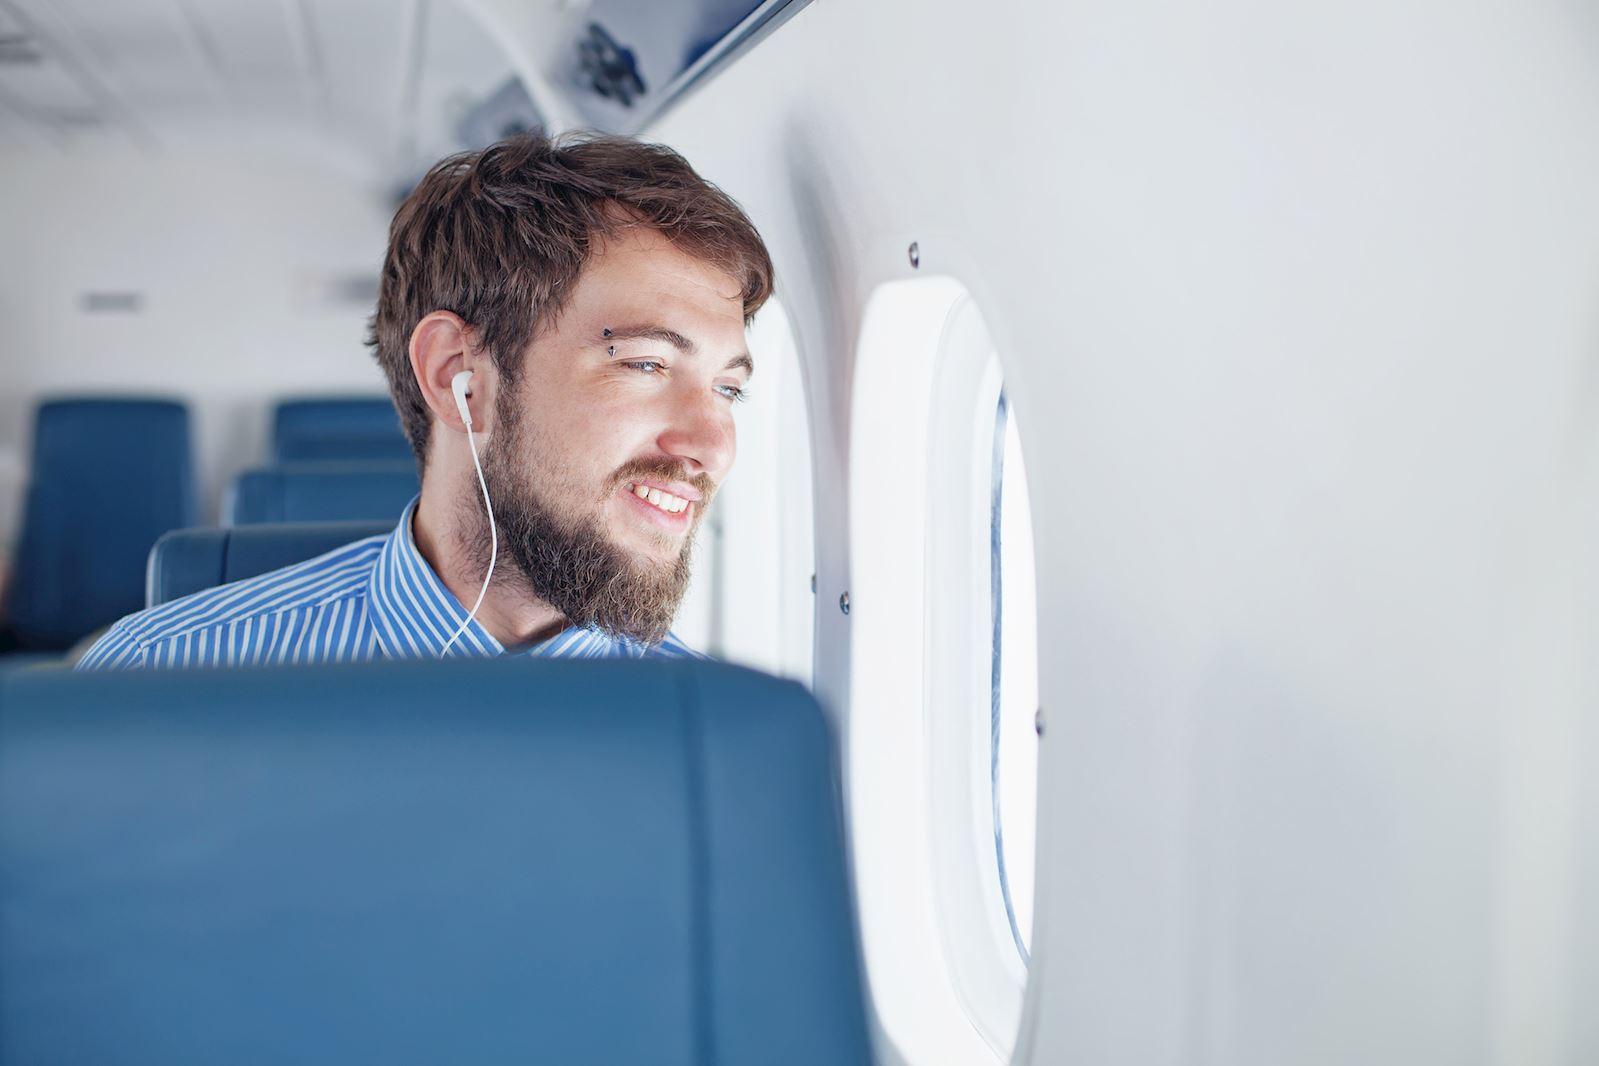 גבר יושב במטוס